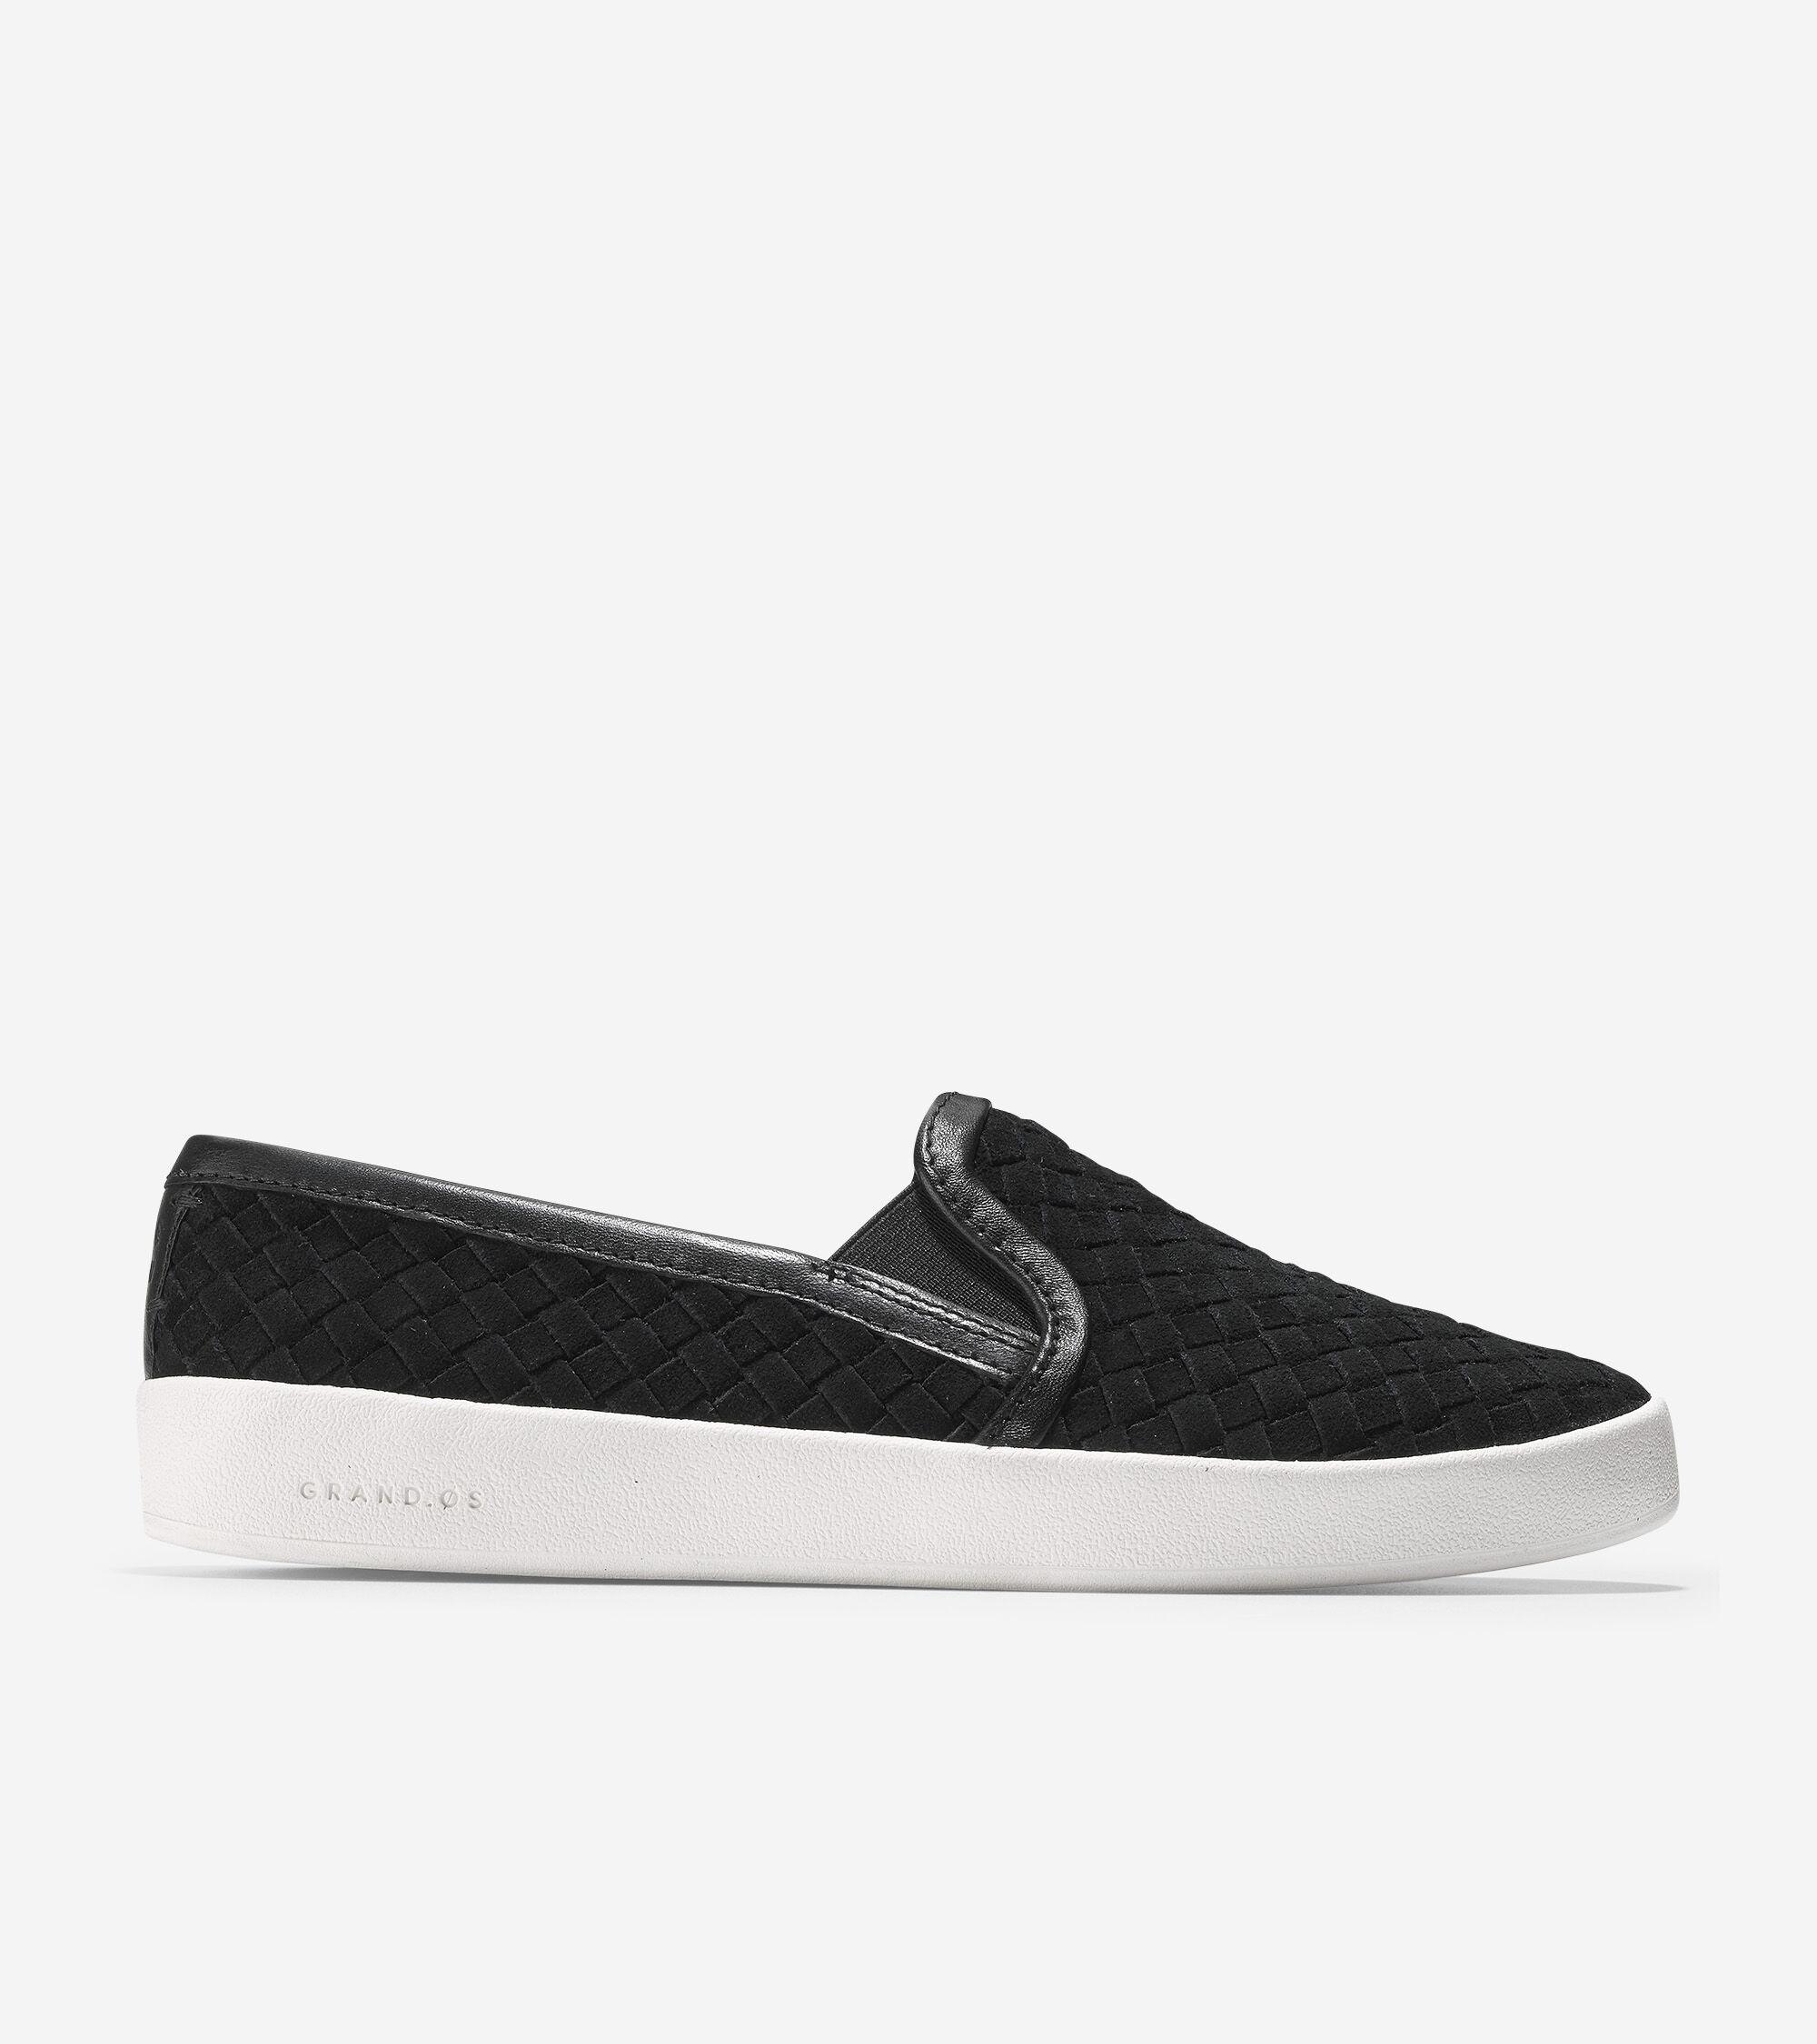 Women's GrandPrø Spectator Slip On Sneaker ...